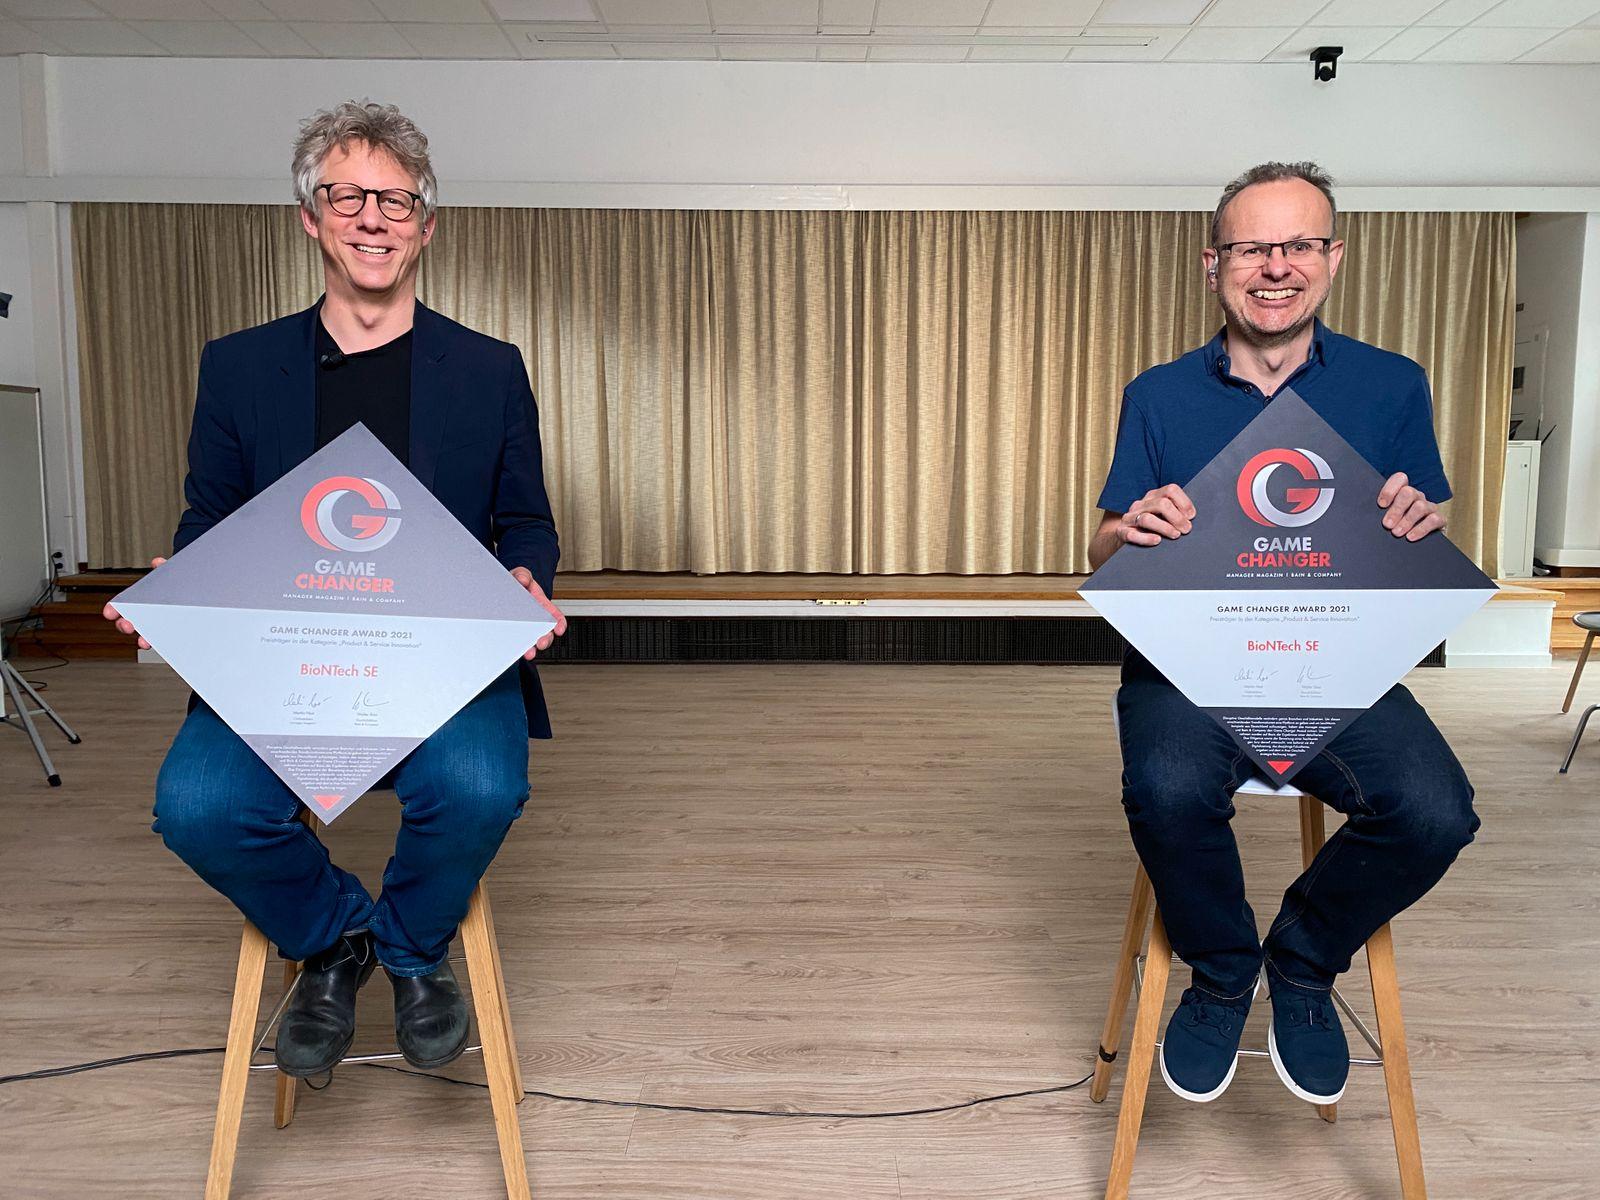 Game Changer 2021 / Sierk Poetting (links), Sean Marett / Bointech